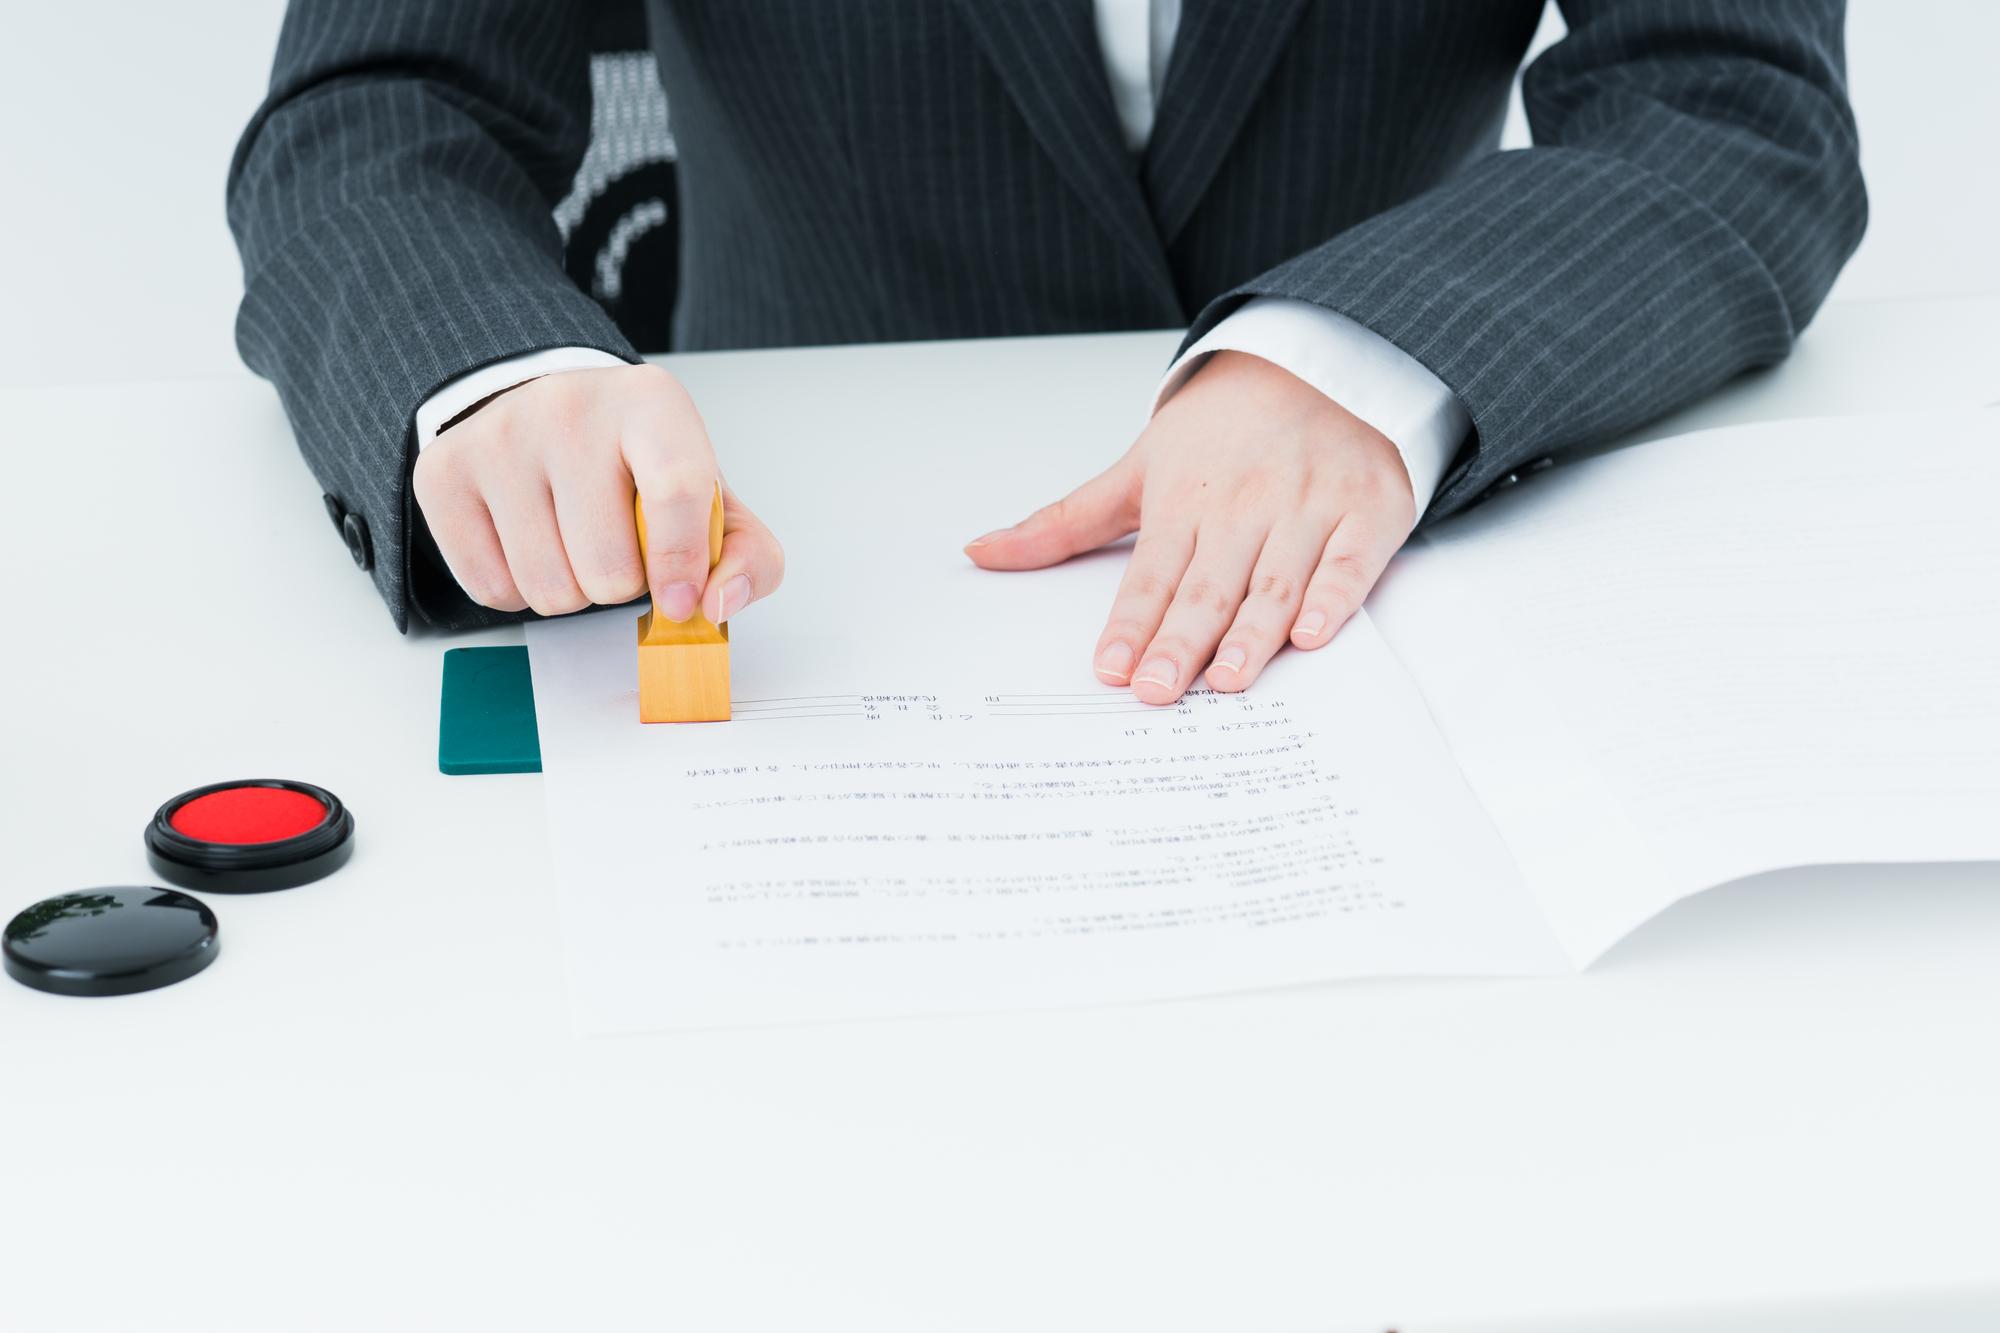 個人事業主が提出する開業届とは?提出期限は?事業税に関わる開業届との違い